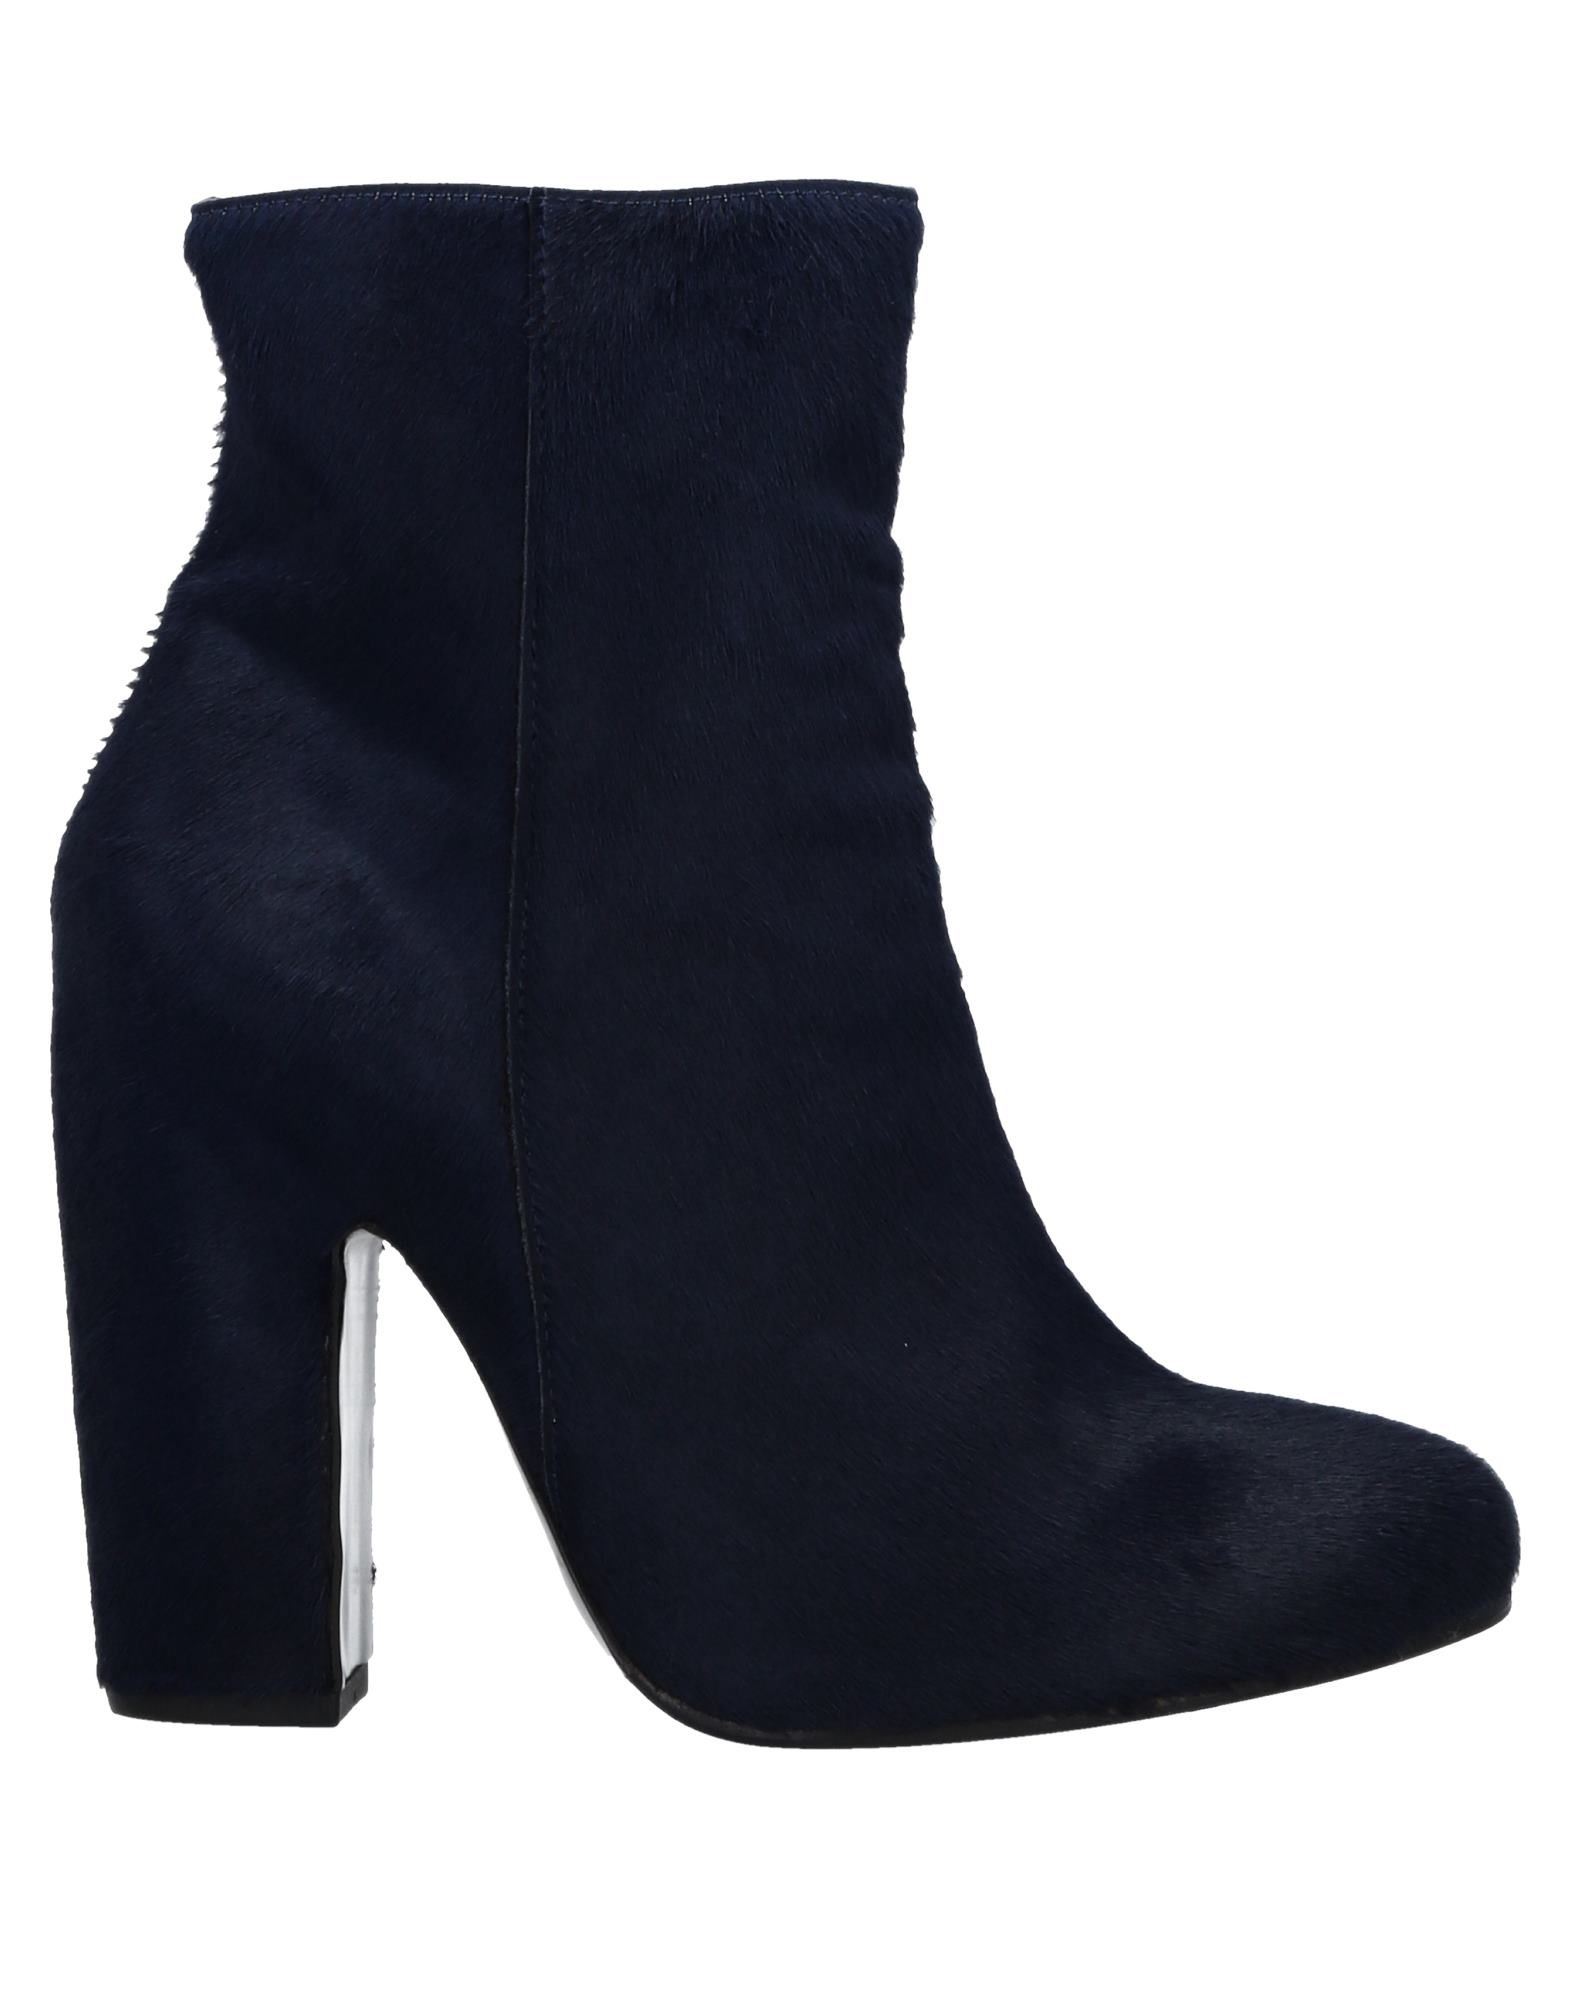 Vic Matiē Stiefelette Damen  11527776QHGut aussehende strapazierfähige Schuhe